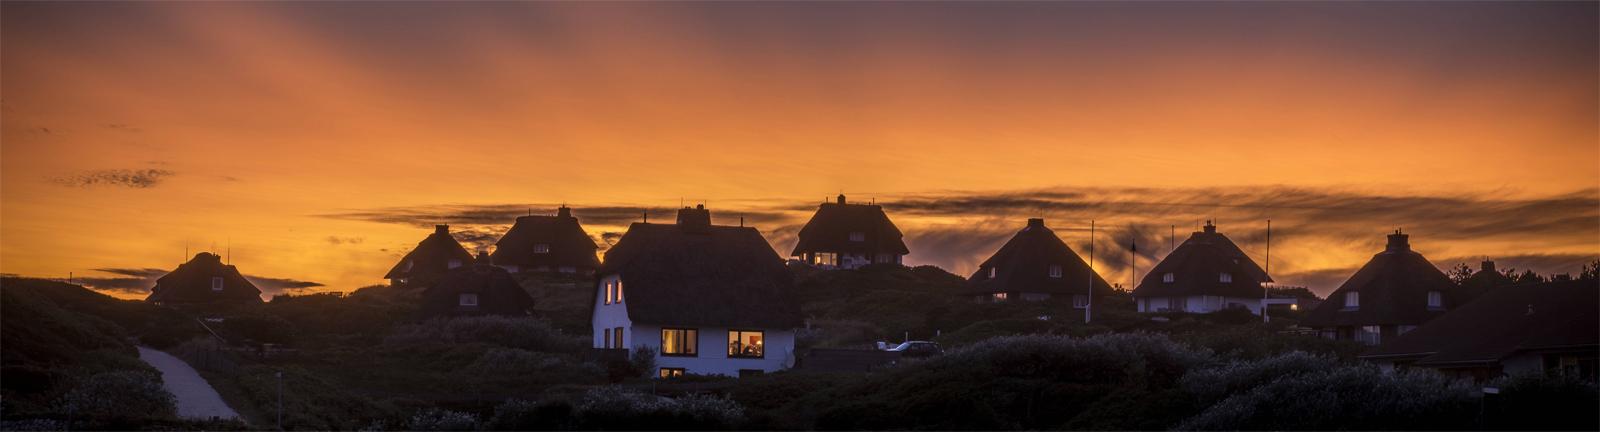 Privilegierte Wohnsituation: Wohnhäuser auf der Insel Sylt